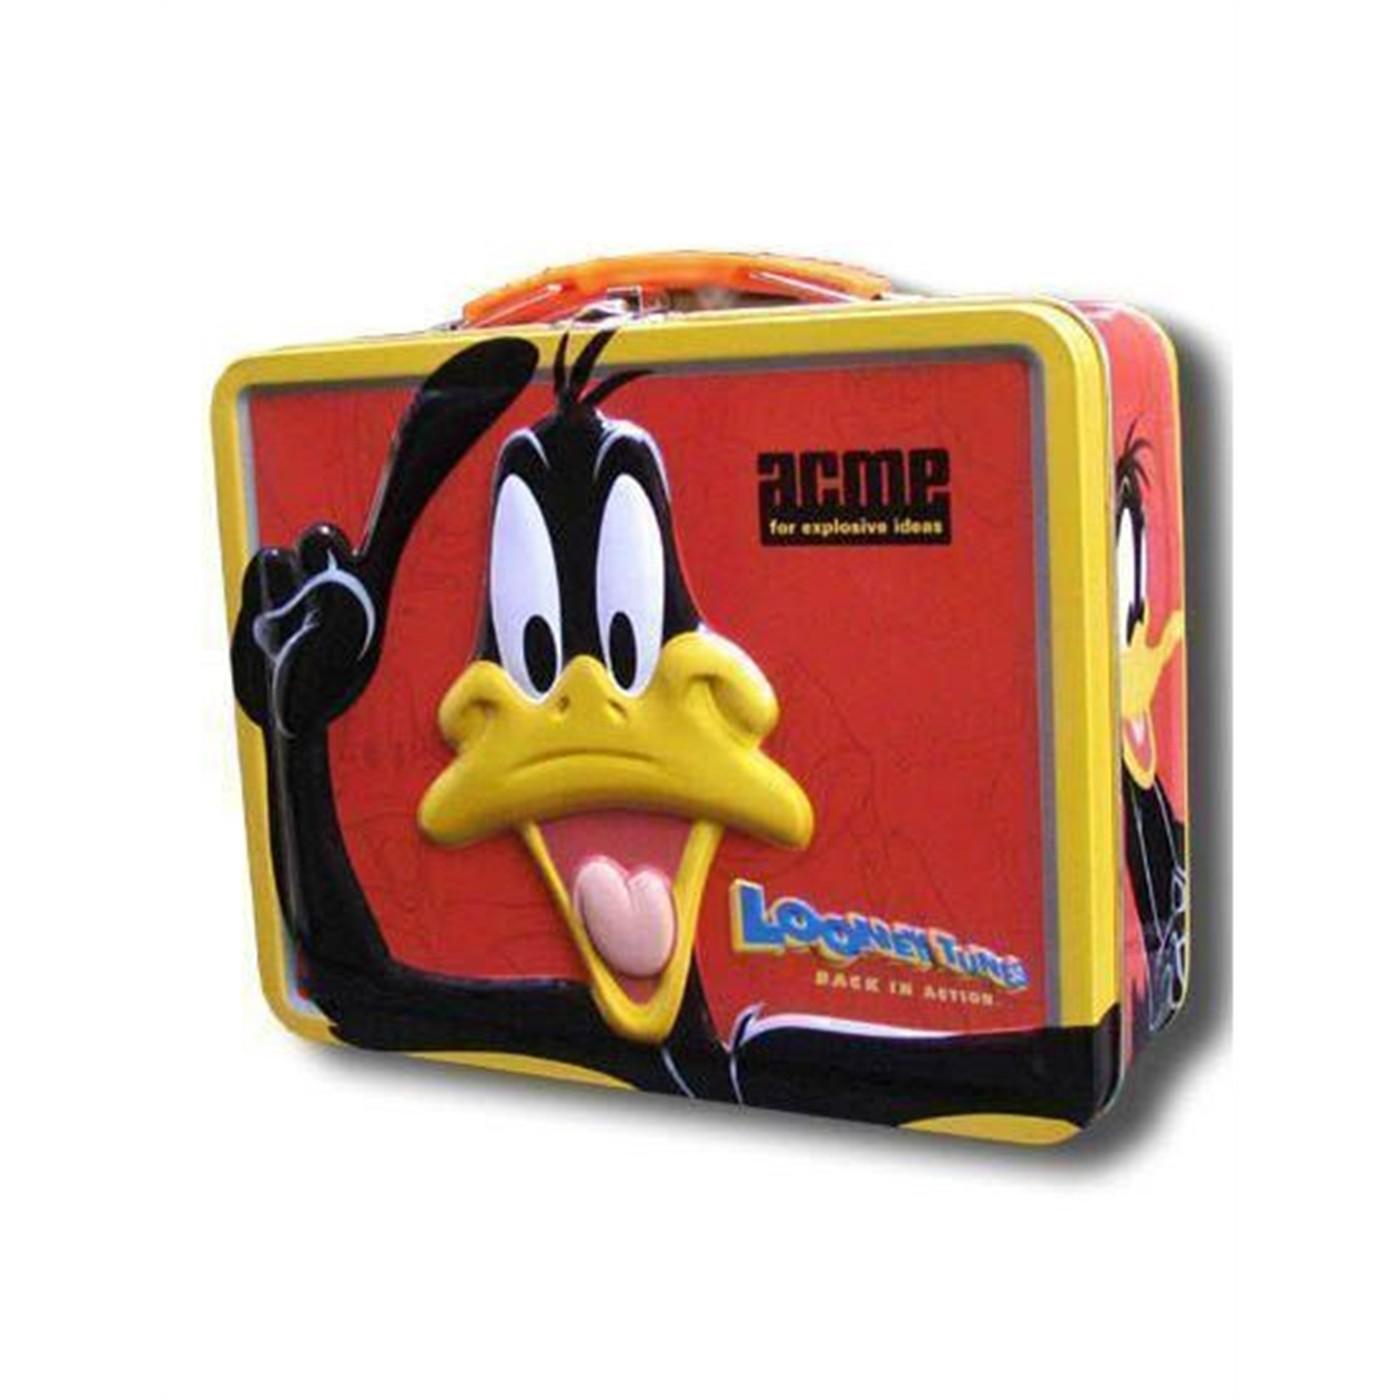 Daffy Duck Lunchbox